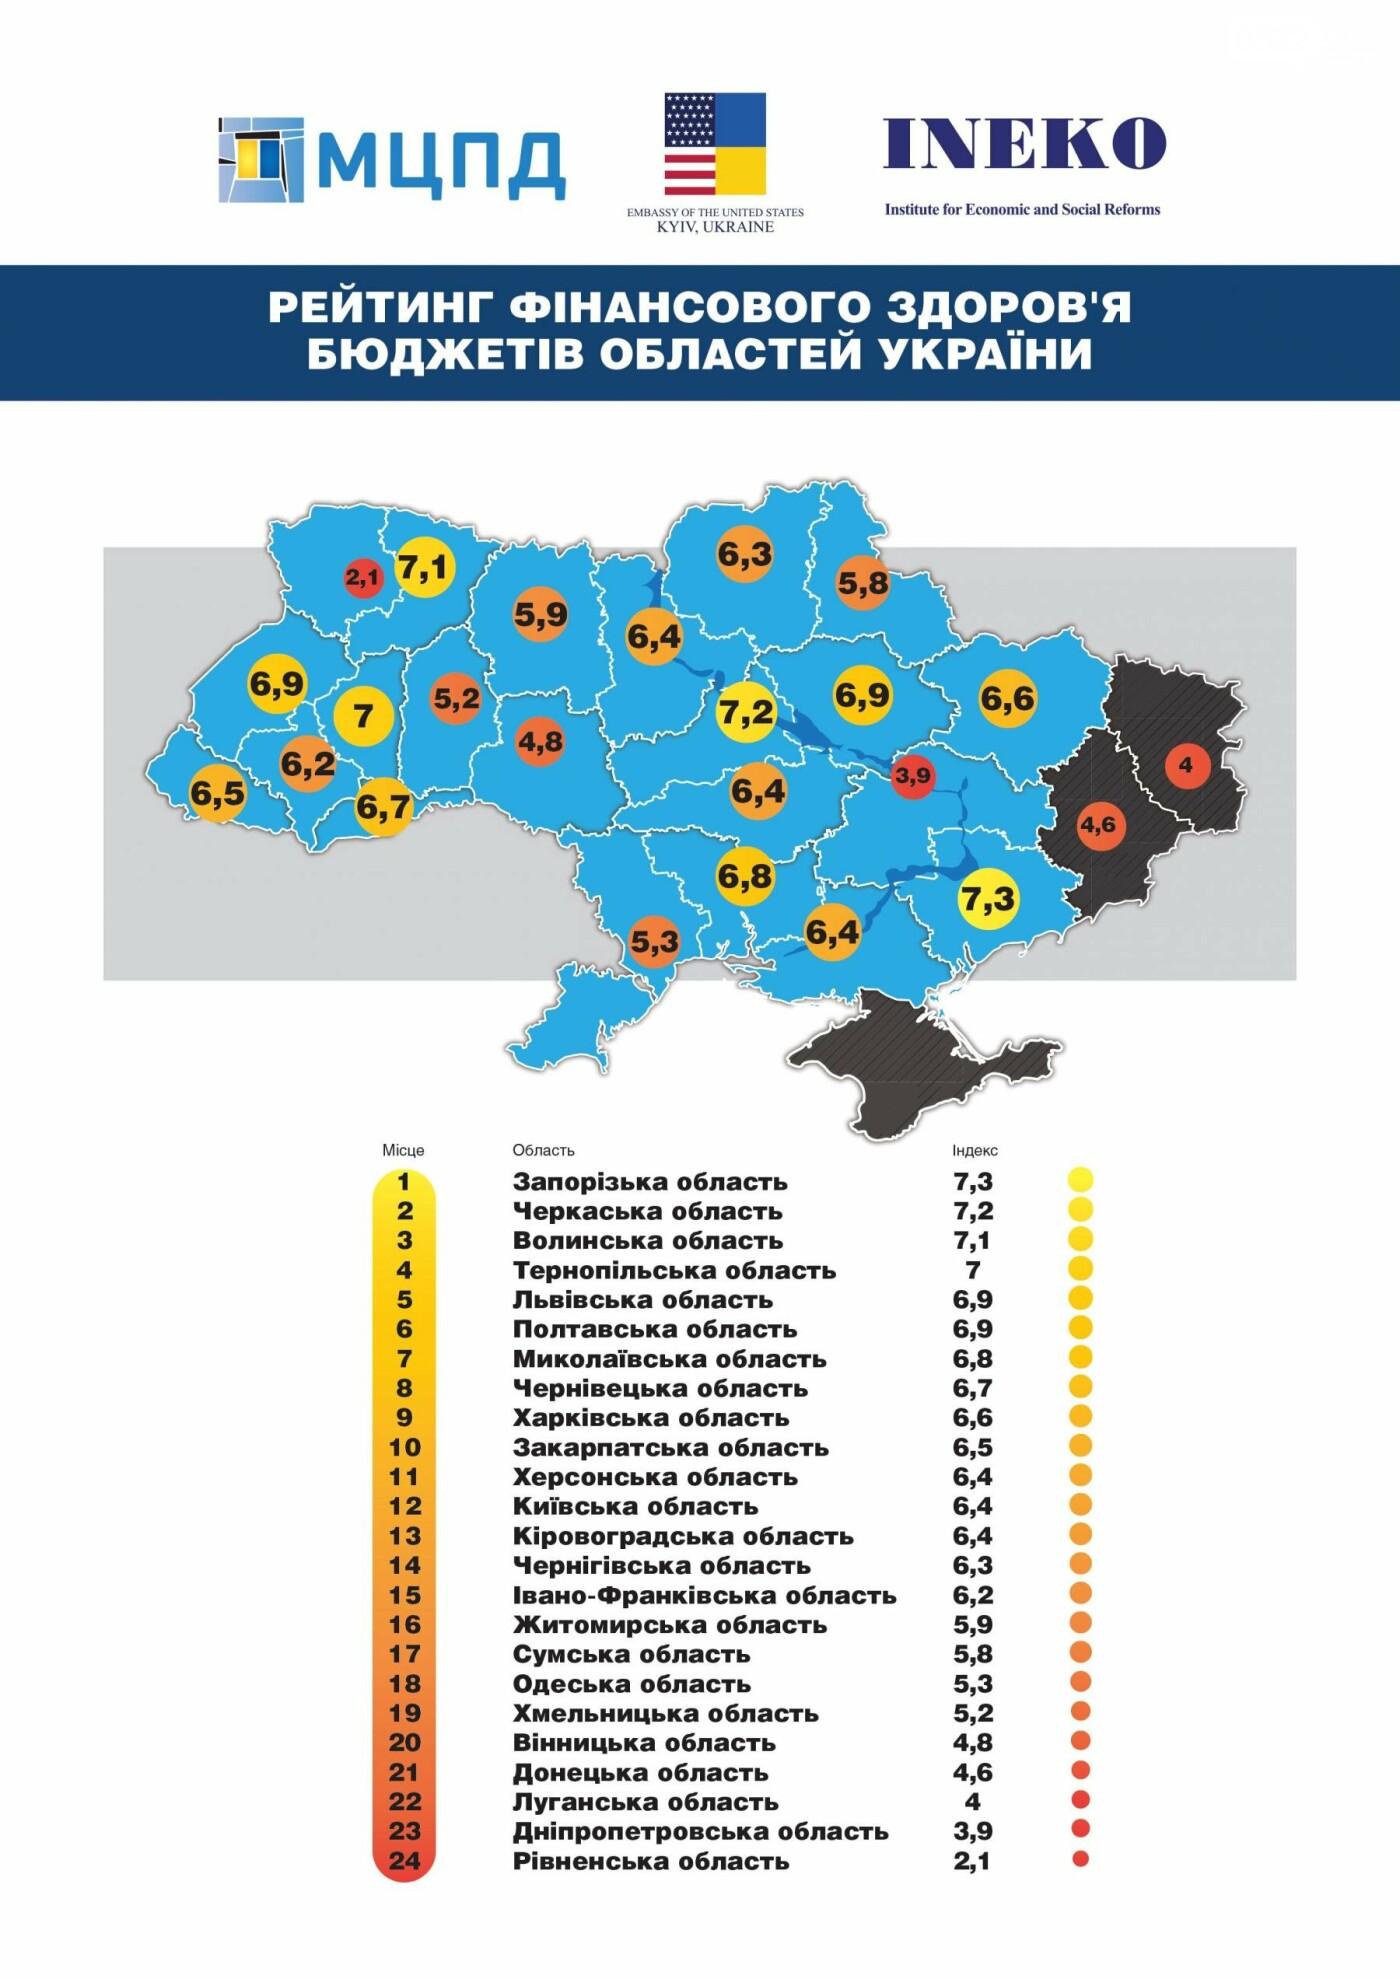 Кропивницький демонструє найкращу динаміку поліпшення фінансового здоров'я бюджетів міст та регіонів України, фото-4